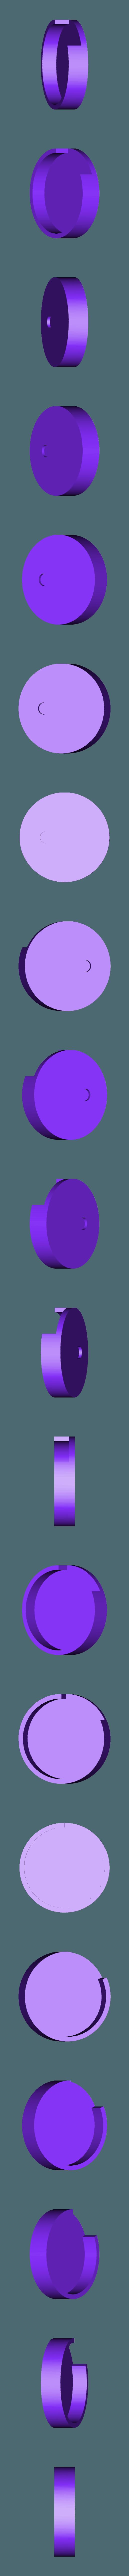 Cover_-_V3.stl Download free STL file WPL C14 Side Fuel Tank for Li-Ion 18650 • 3D print design, EdwardChew